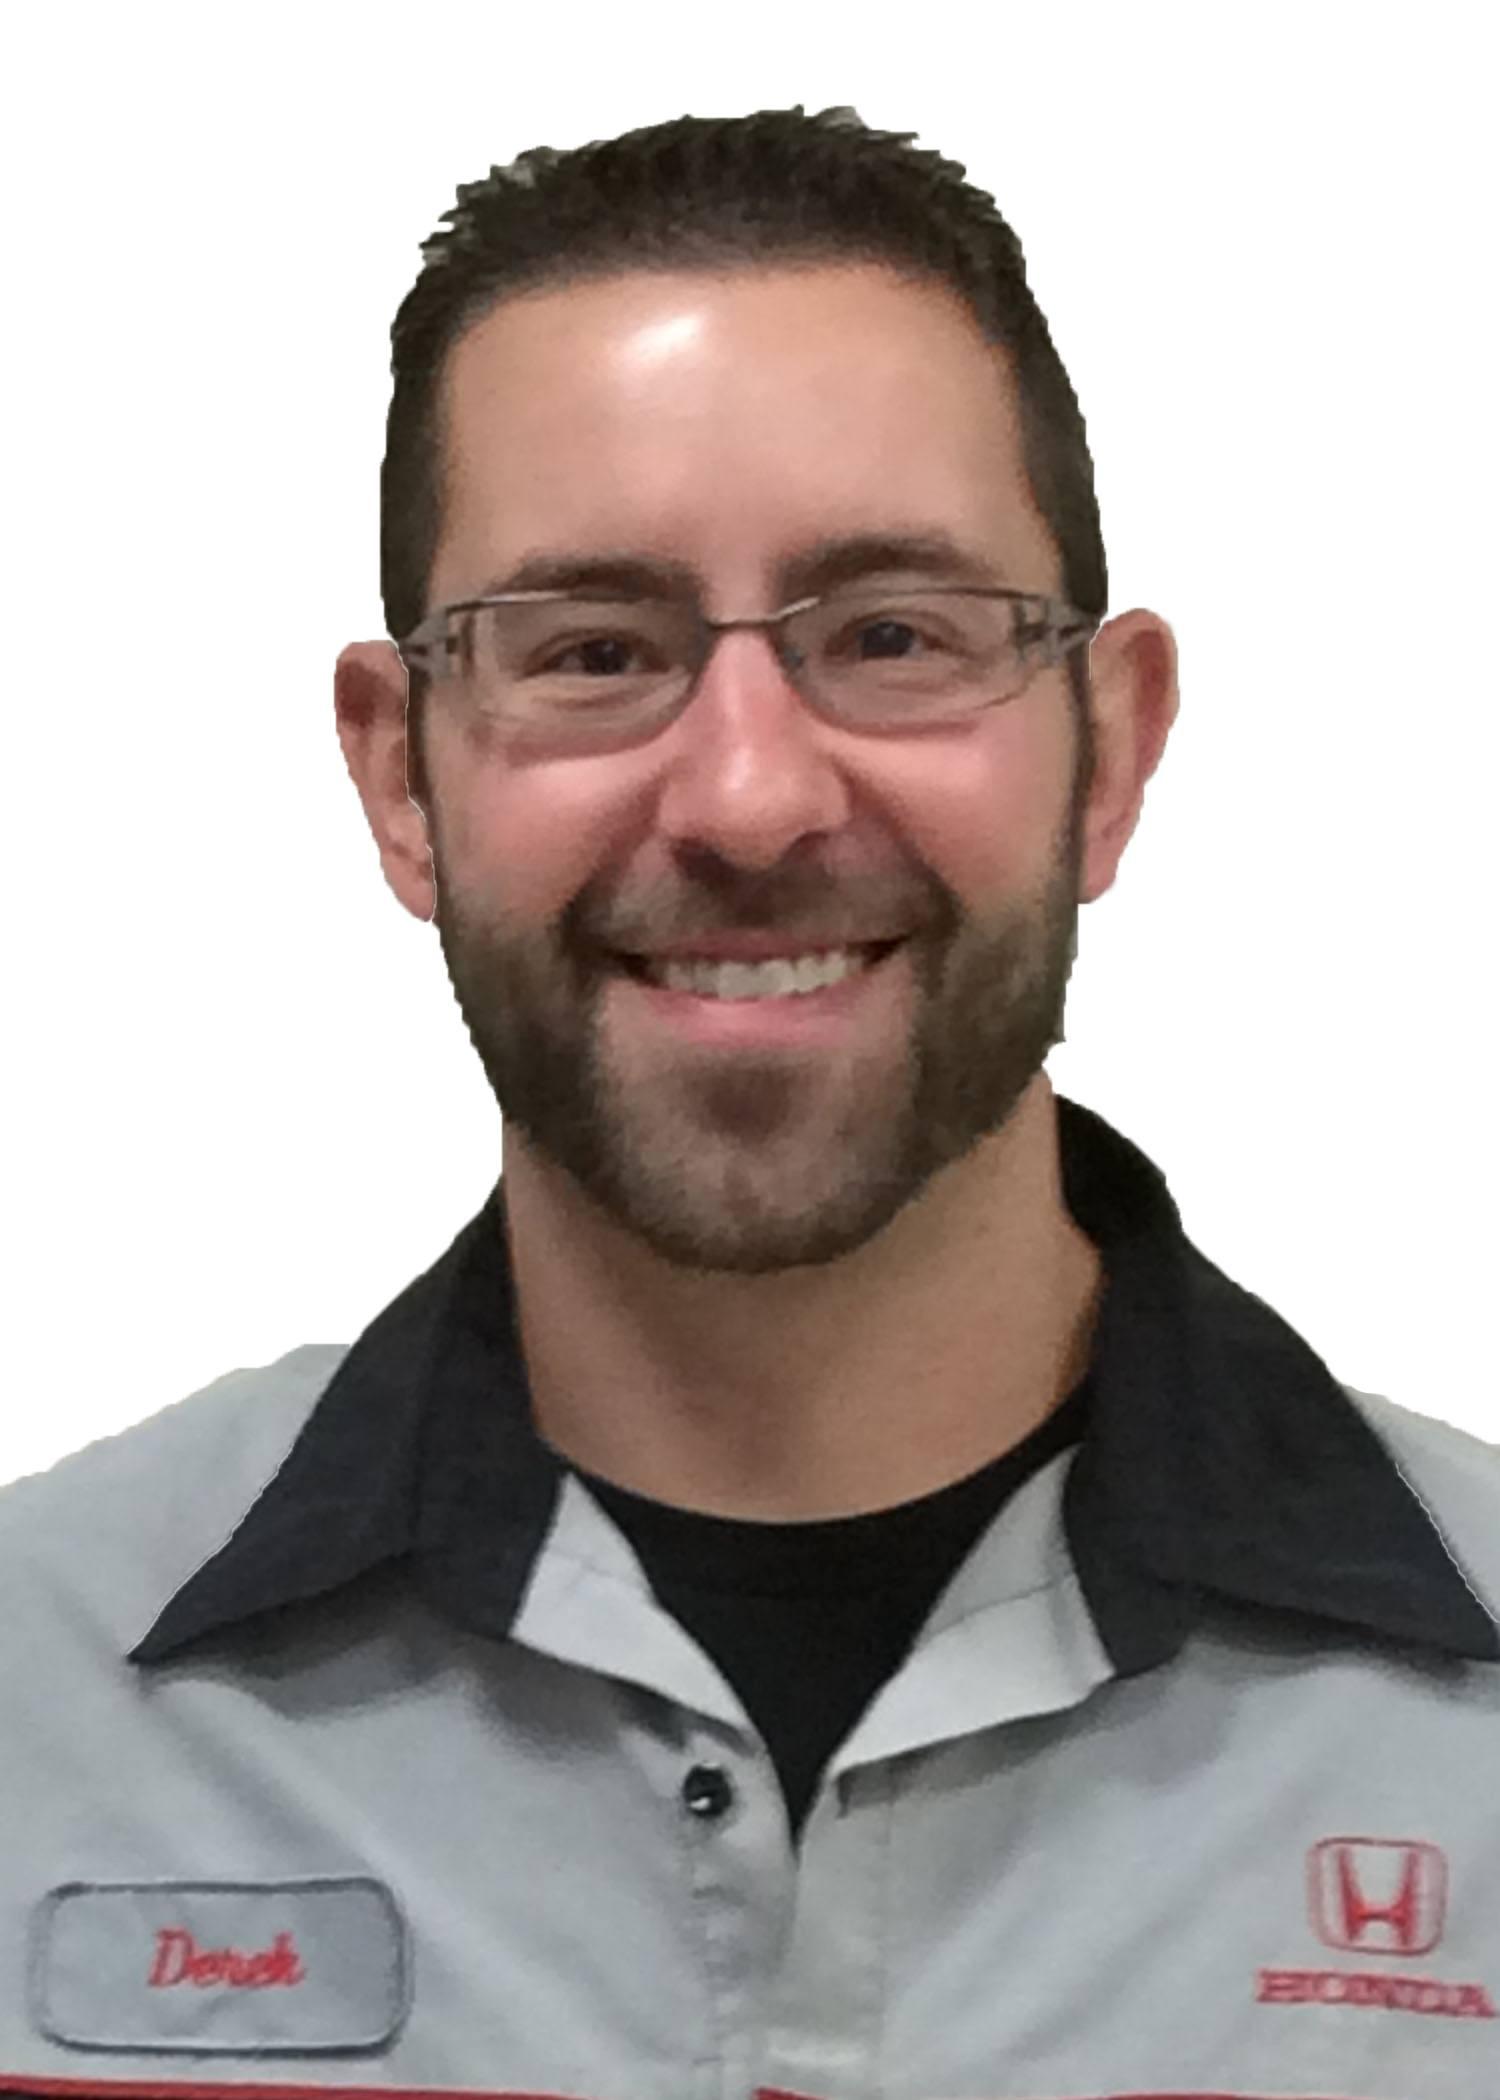 Derek Wisniewski